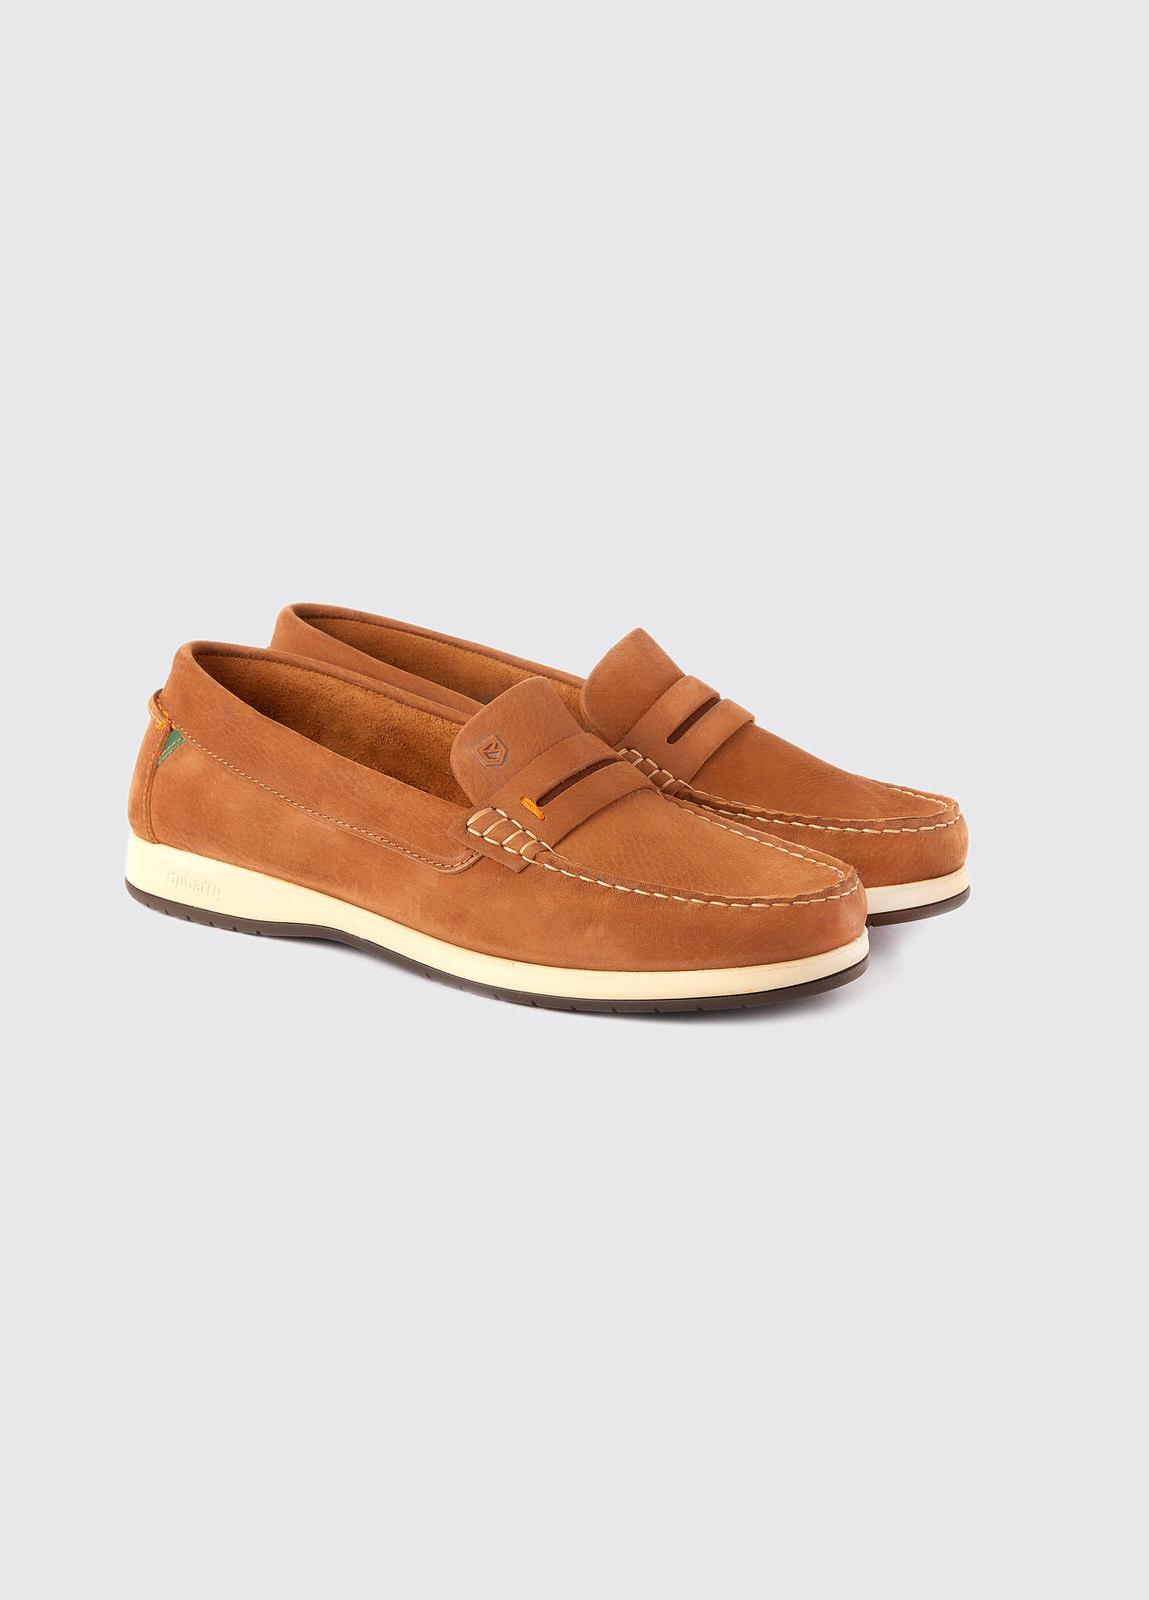 Mizen X LT Deck shoes - Brown